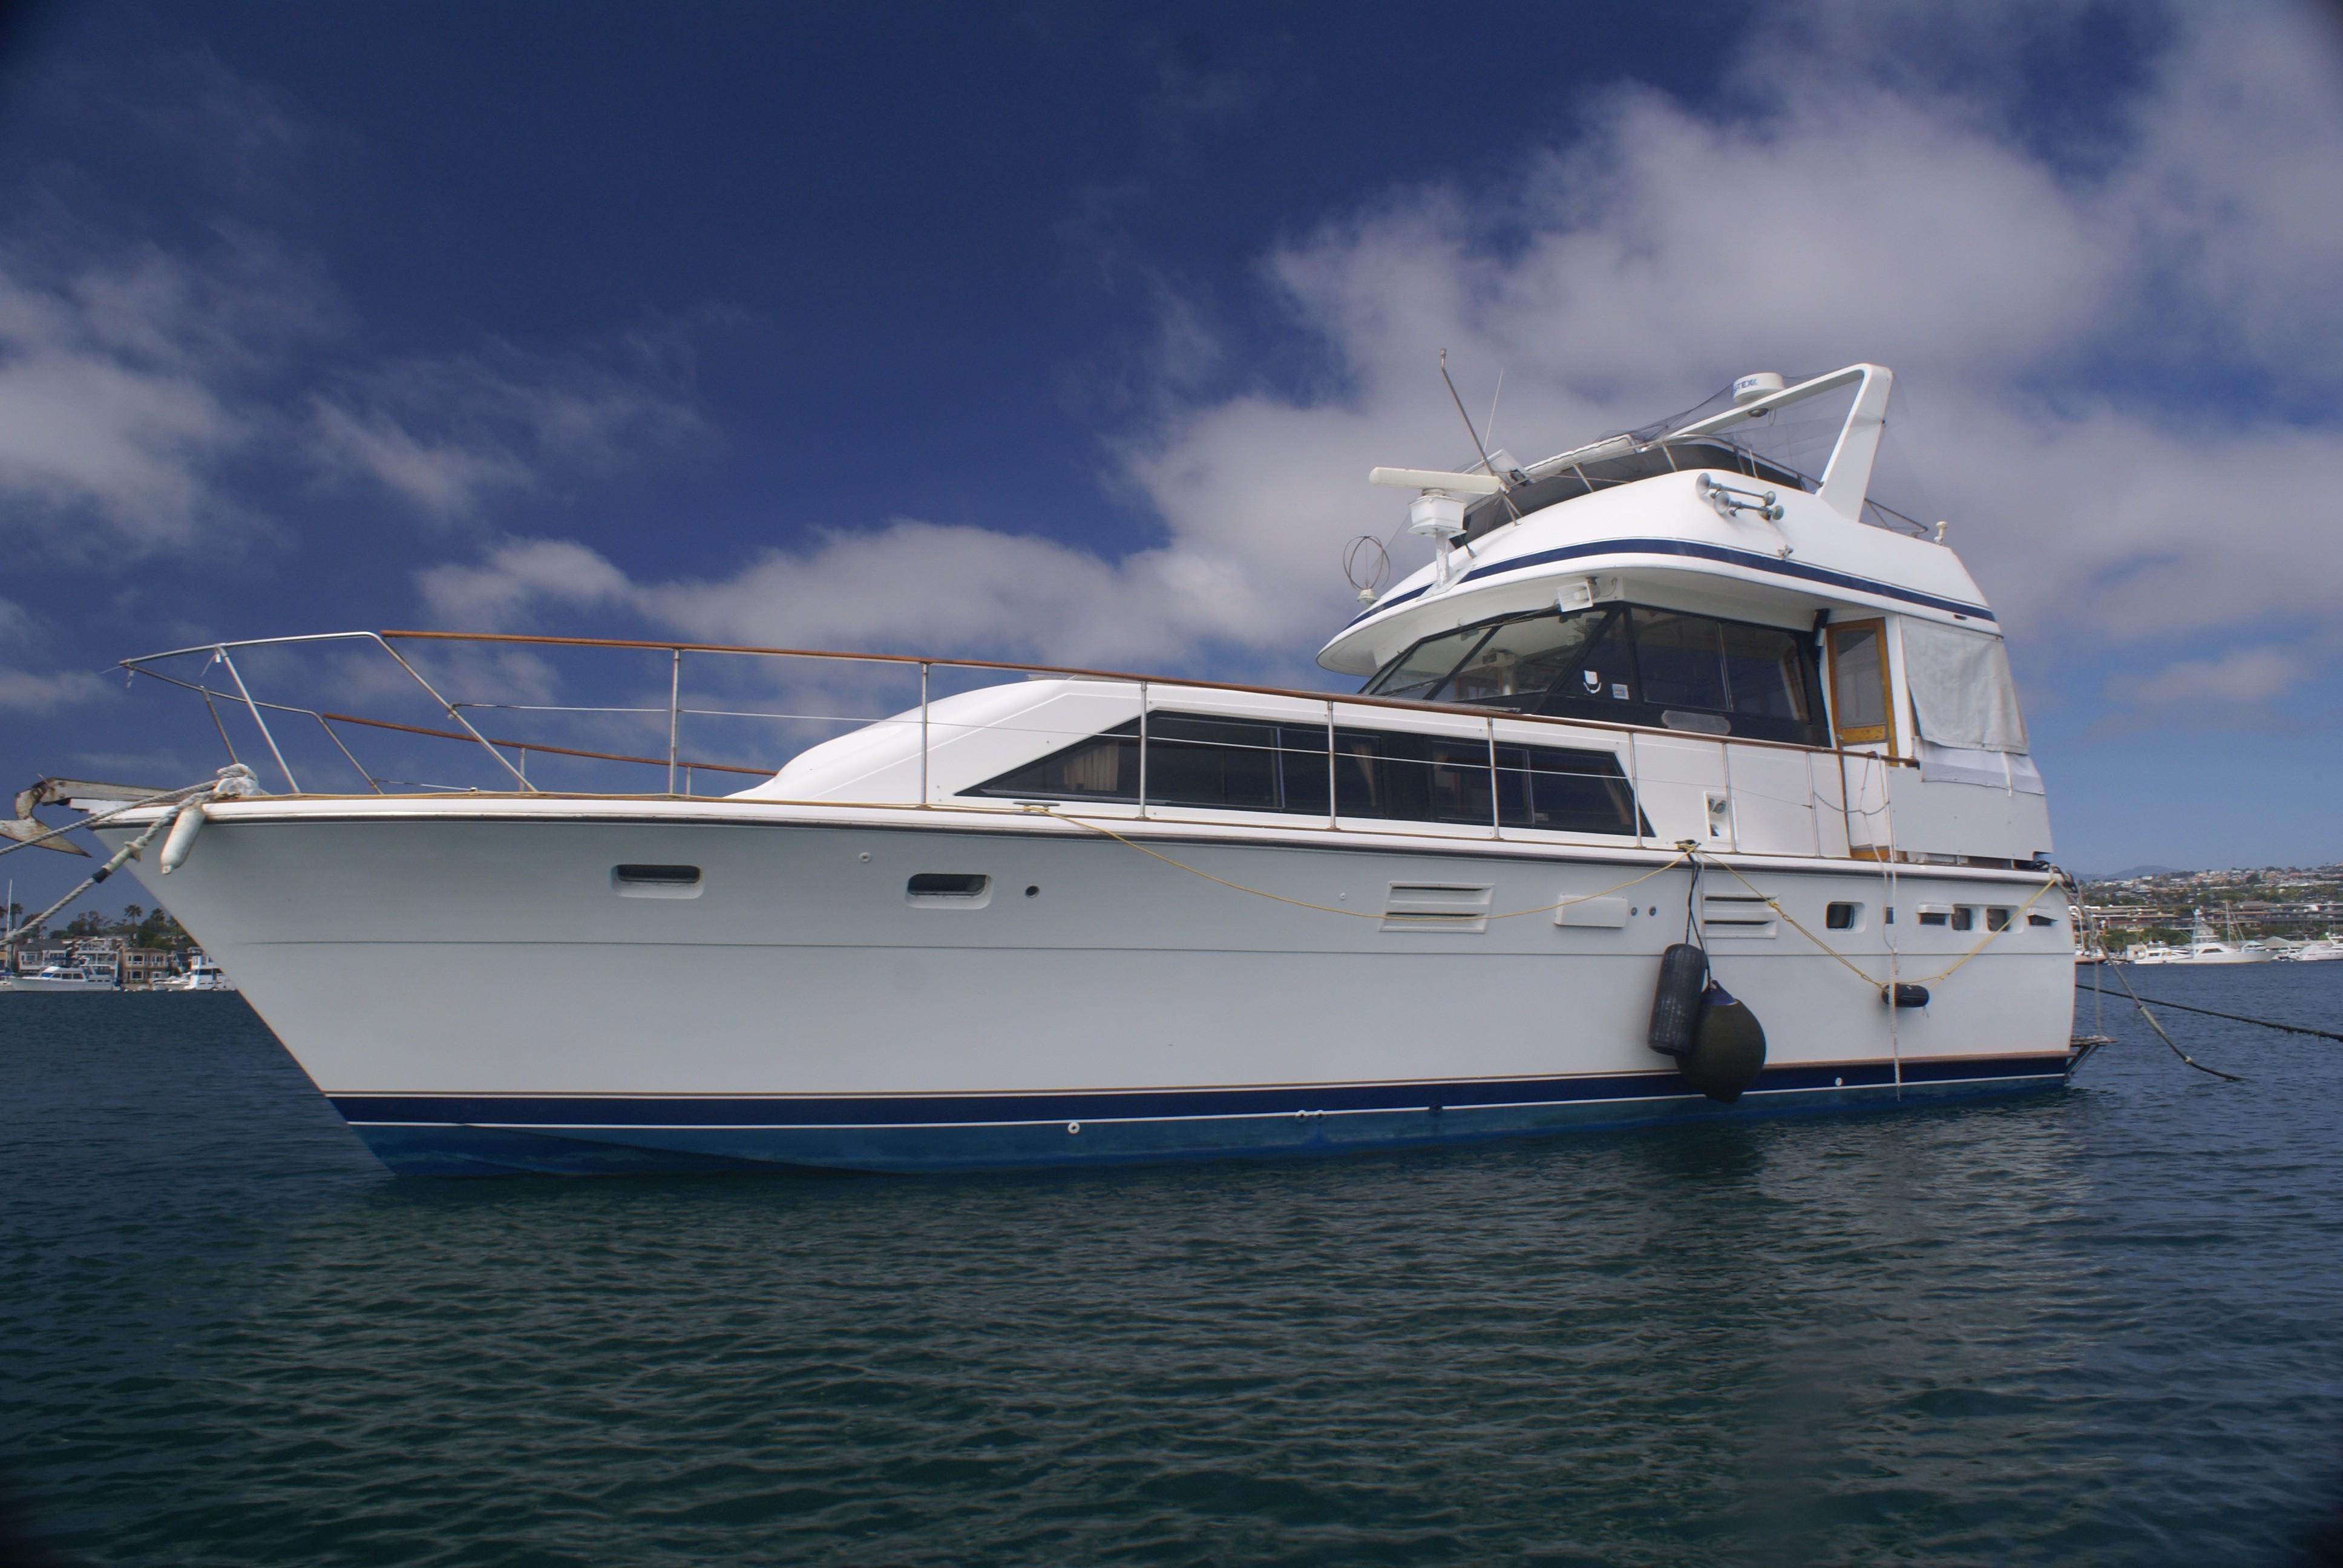 1978 Trojan 44 Motor Yacht Power Boat For Sale Www